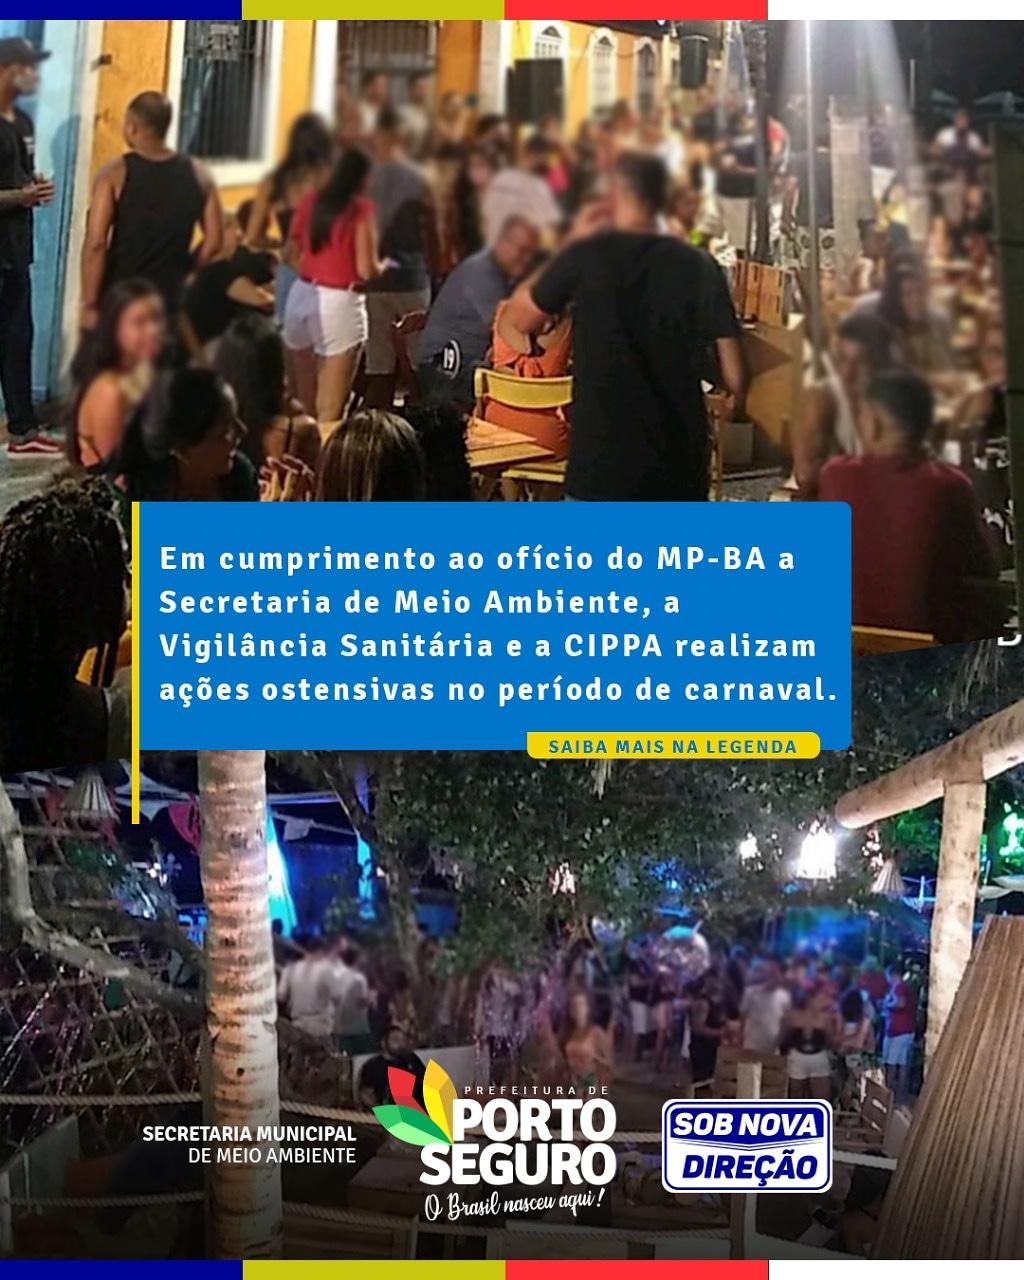 Em cumprimento ao ofício do MP-BA a Secretaria de Meio Ambiente, a Vigilância Sanitária e a CIPPA realizam ações ostensivas no período de carnaval 18